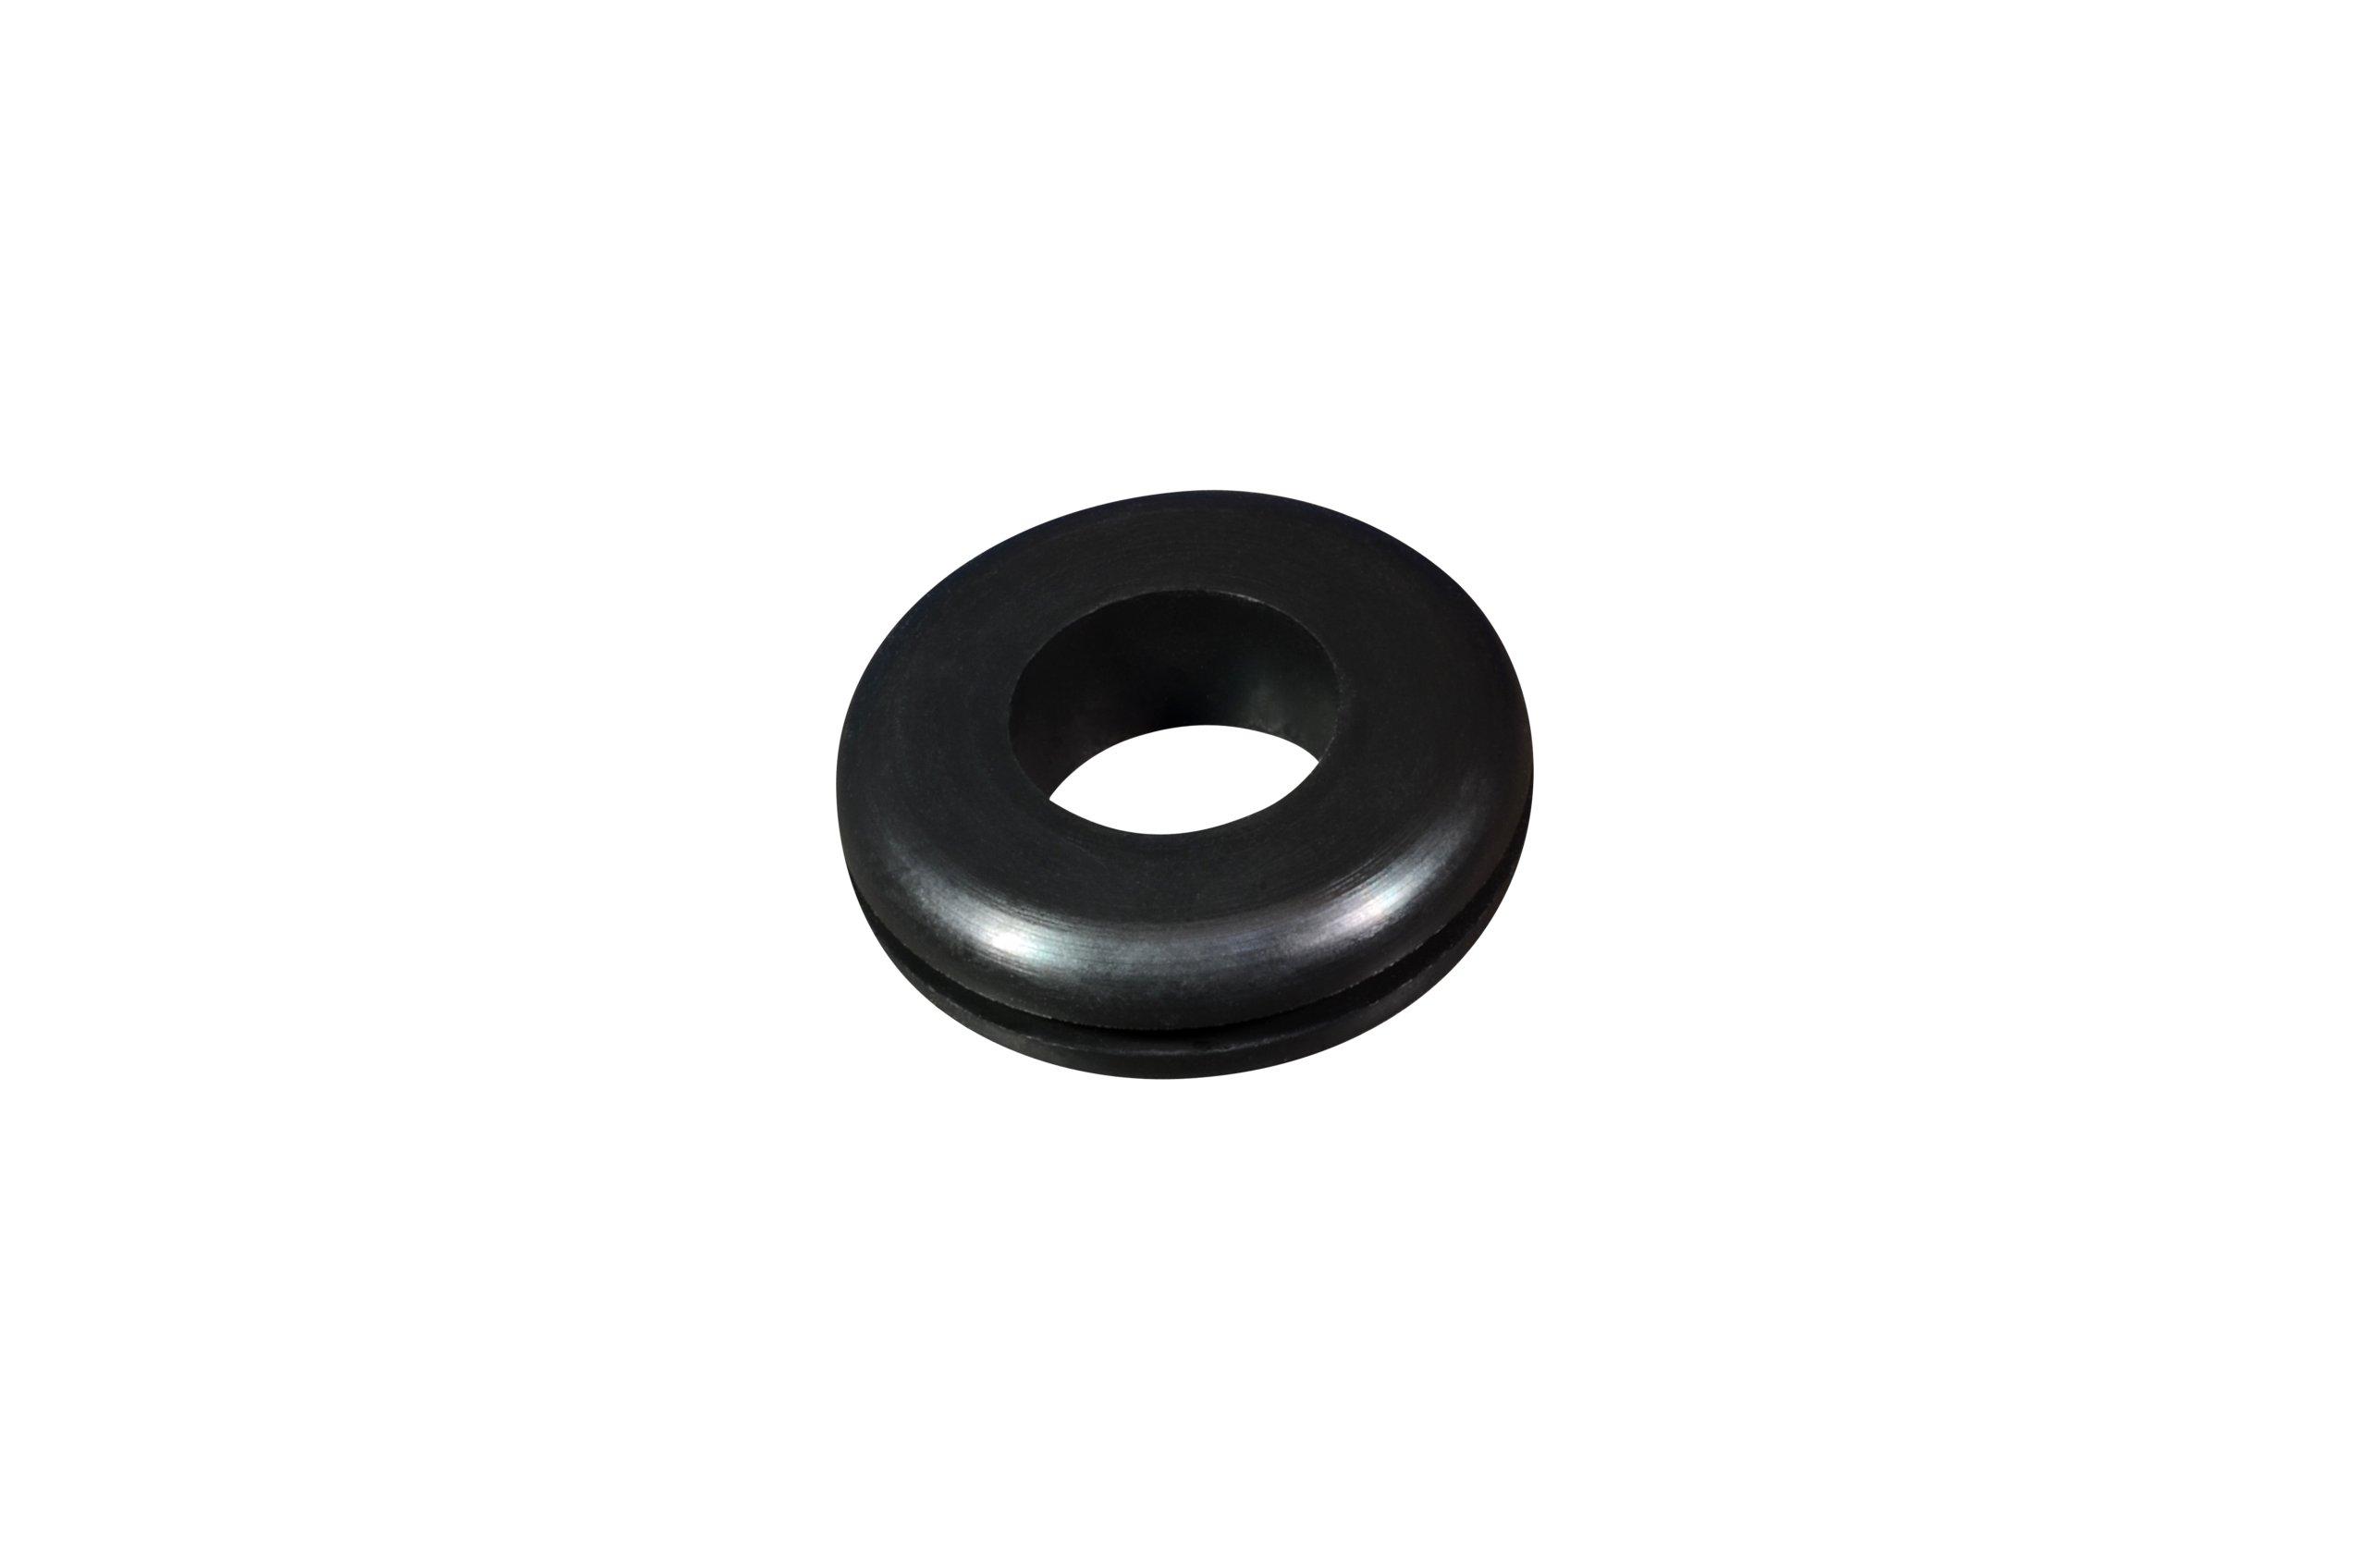 Buna-N Military Grommet, 7/16'' OD x 3/16'' ID, 5/16'' Groove Diameter, 1/16'' Groove Width, 50P Durometer (Pack of 25)